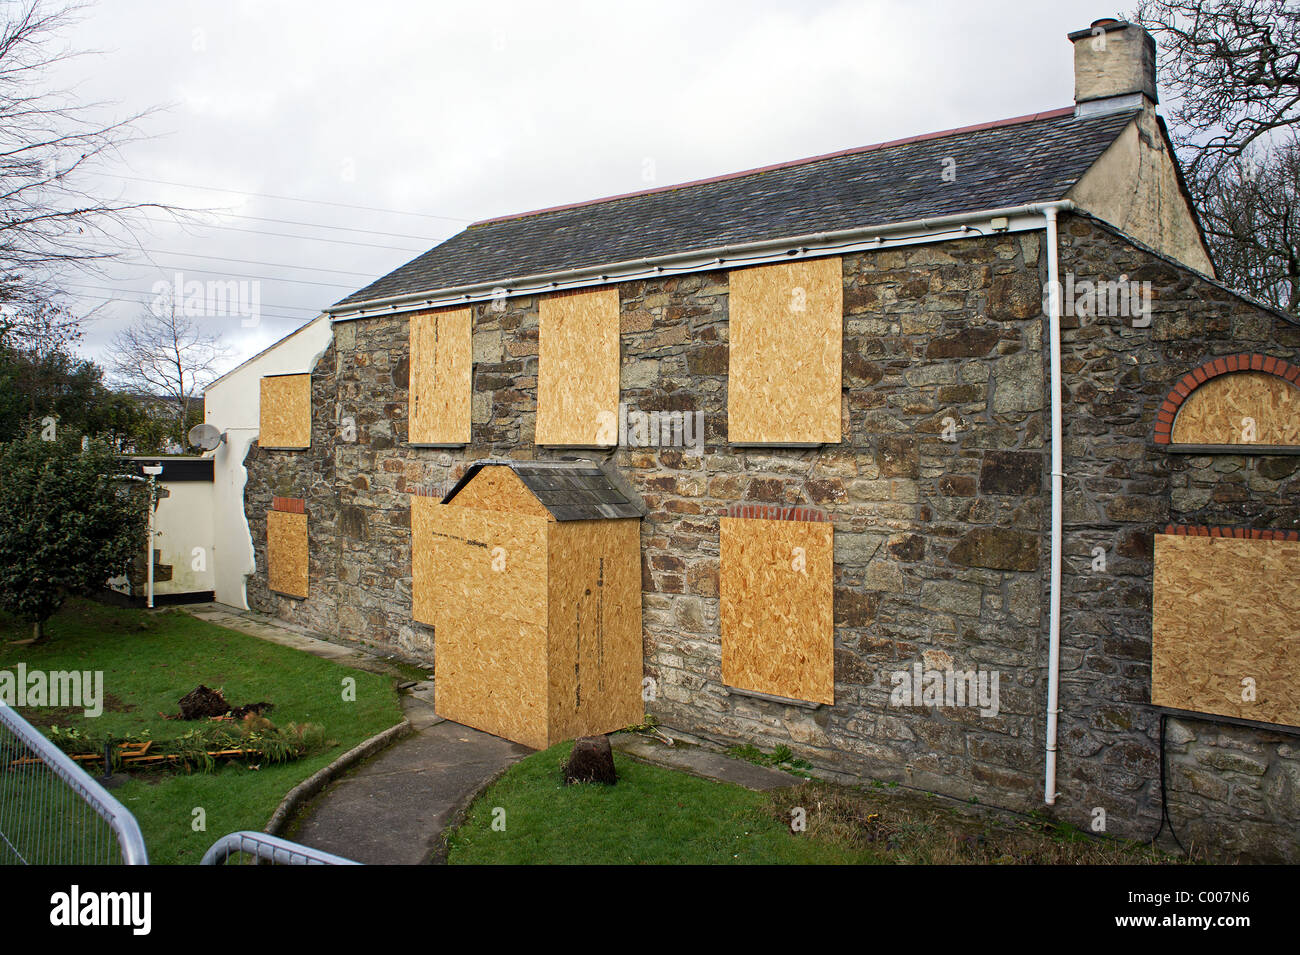 A closed down village pub near Truro in Cornwall, UK - Stock Image